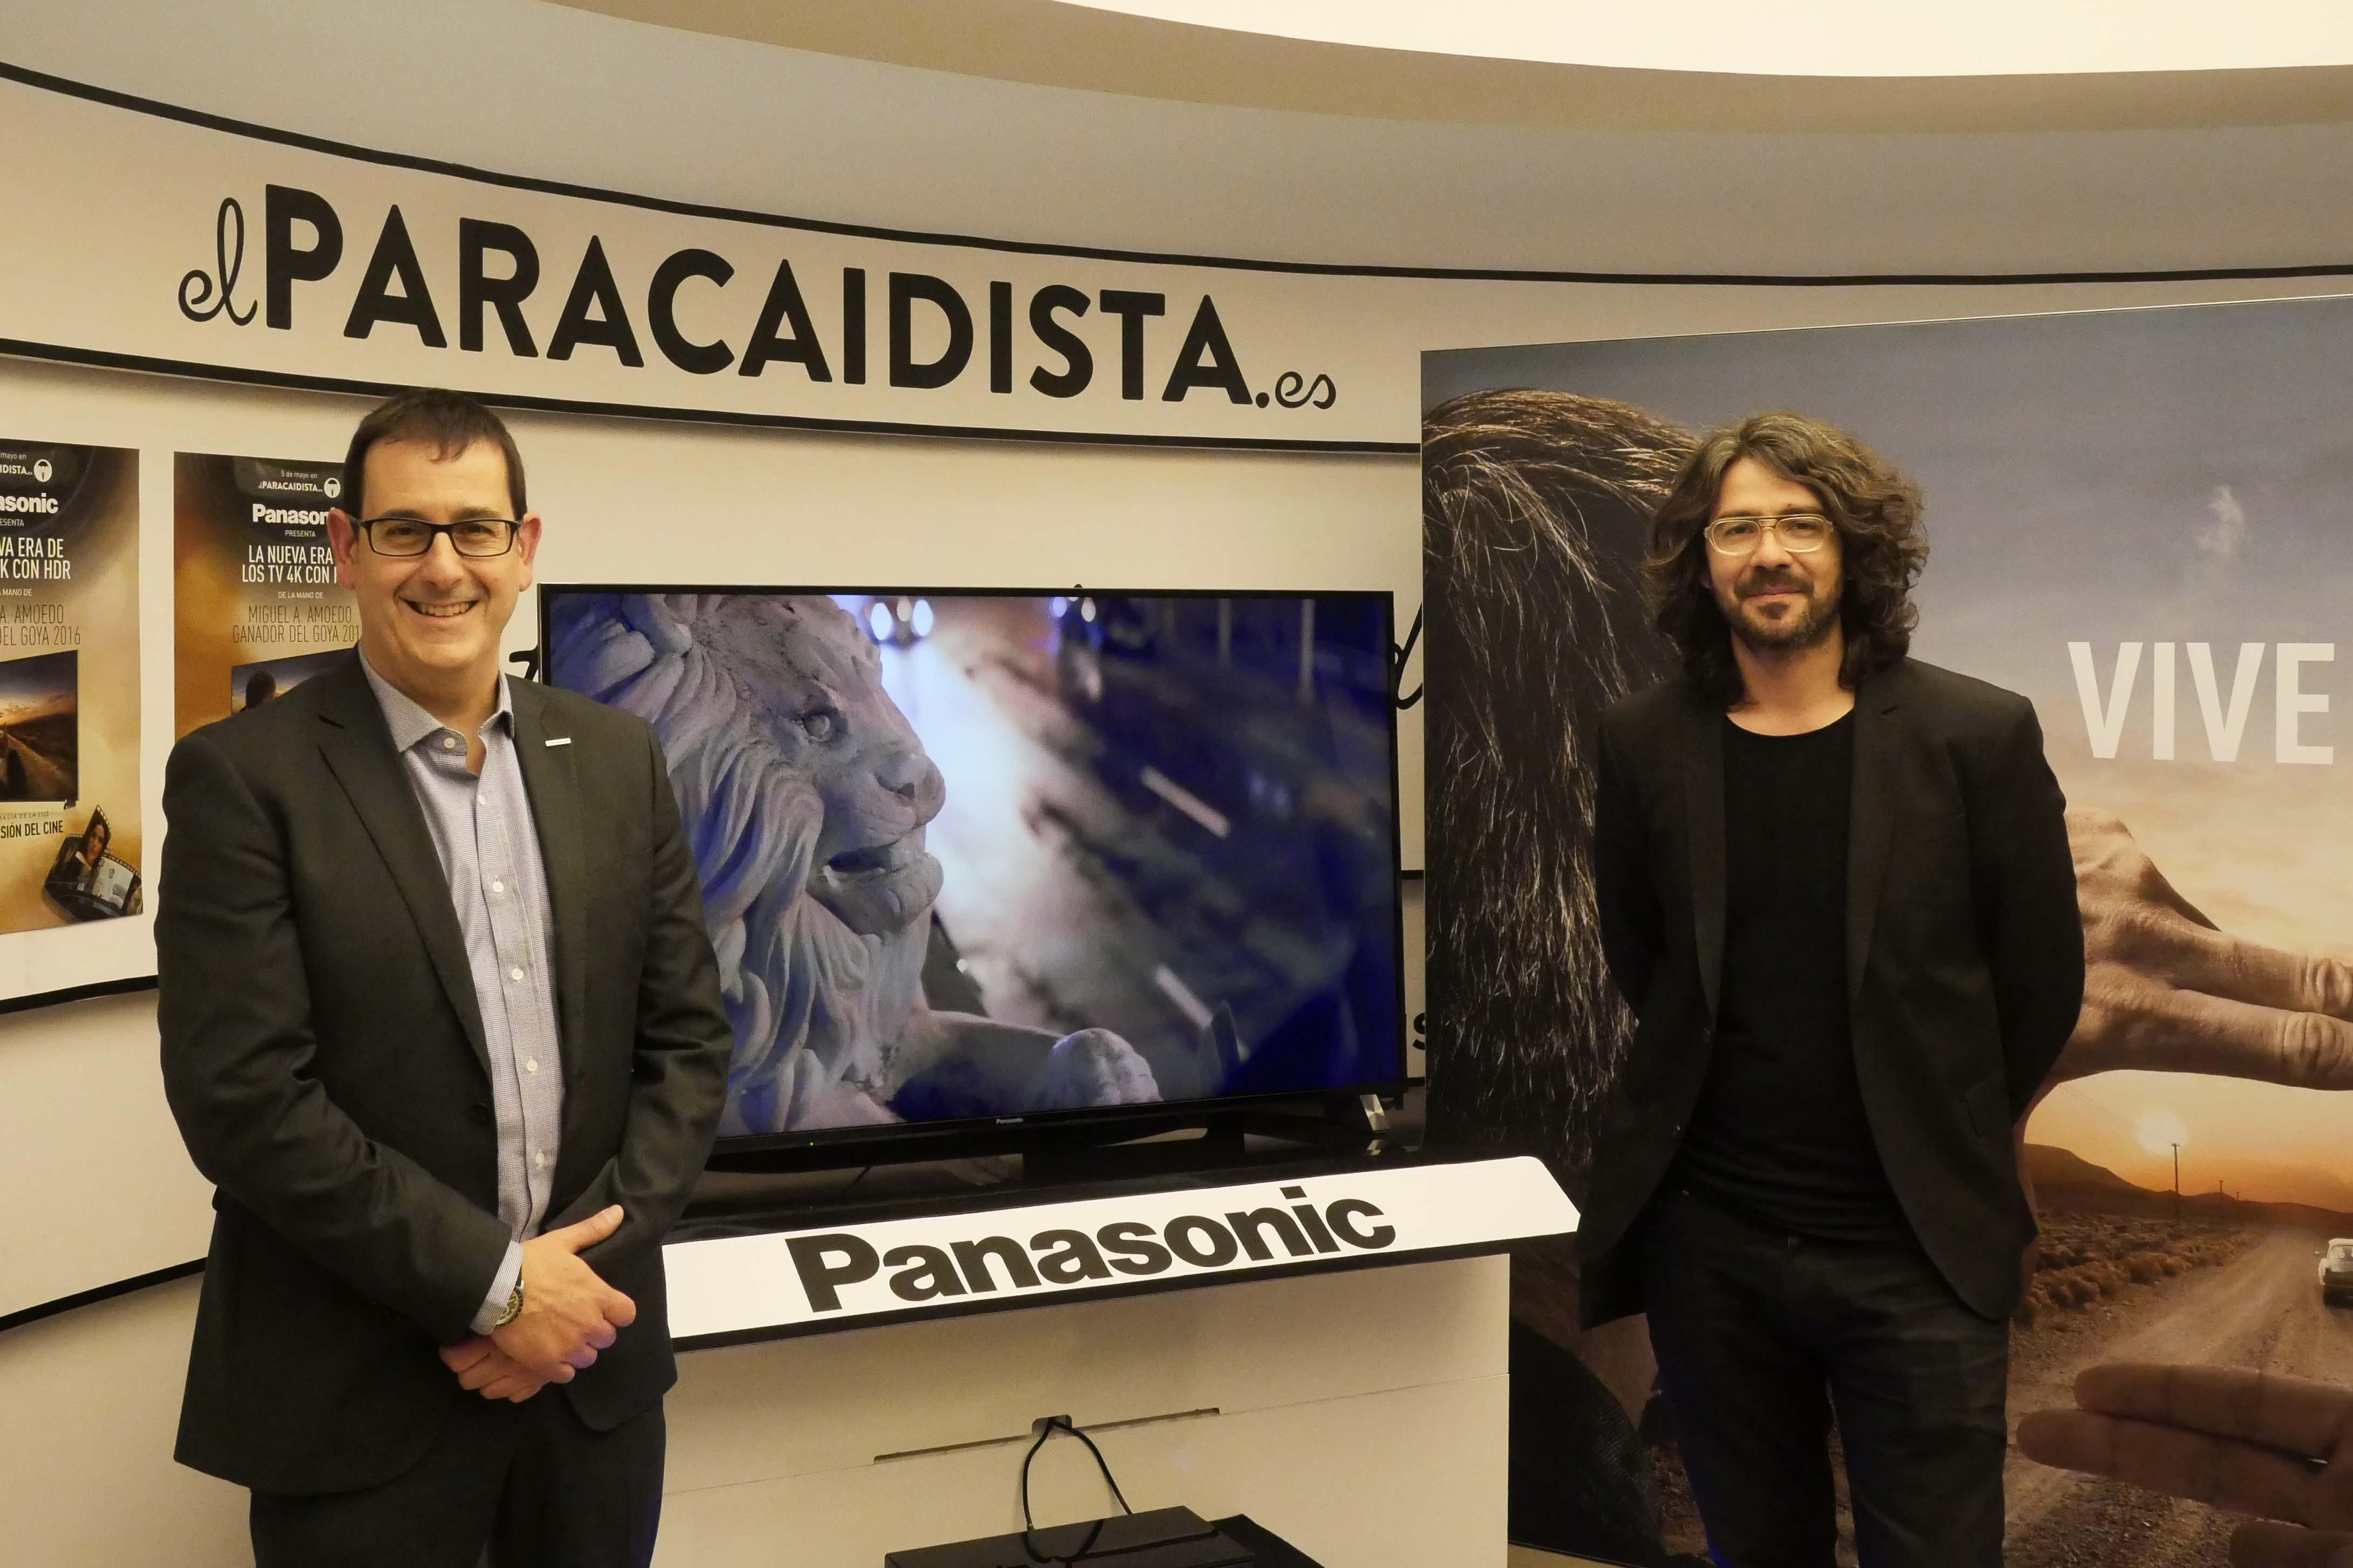 Presentamos el nuevo televisor DX900 con la colaboración especial de Miguel Ángel Amoedo